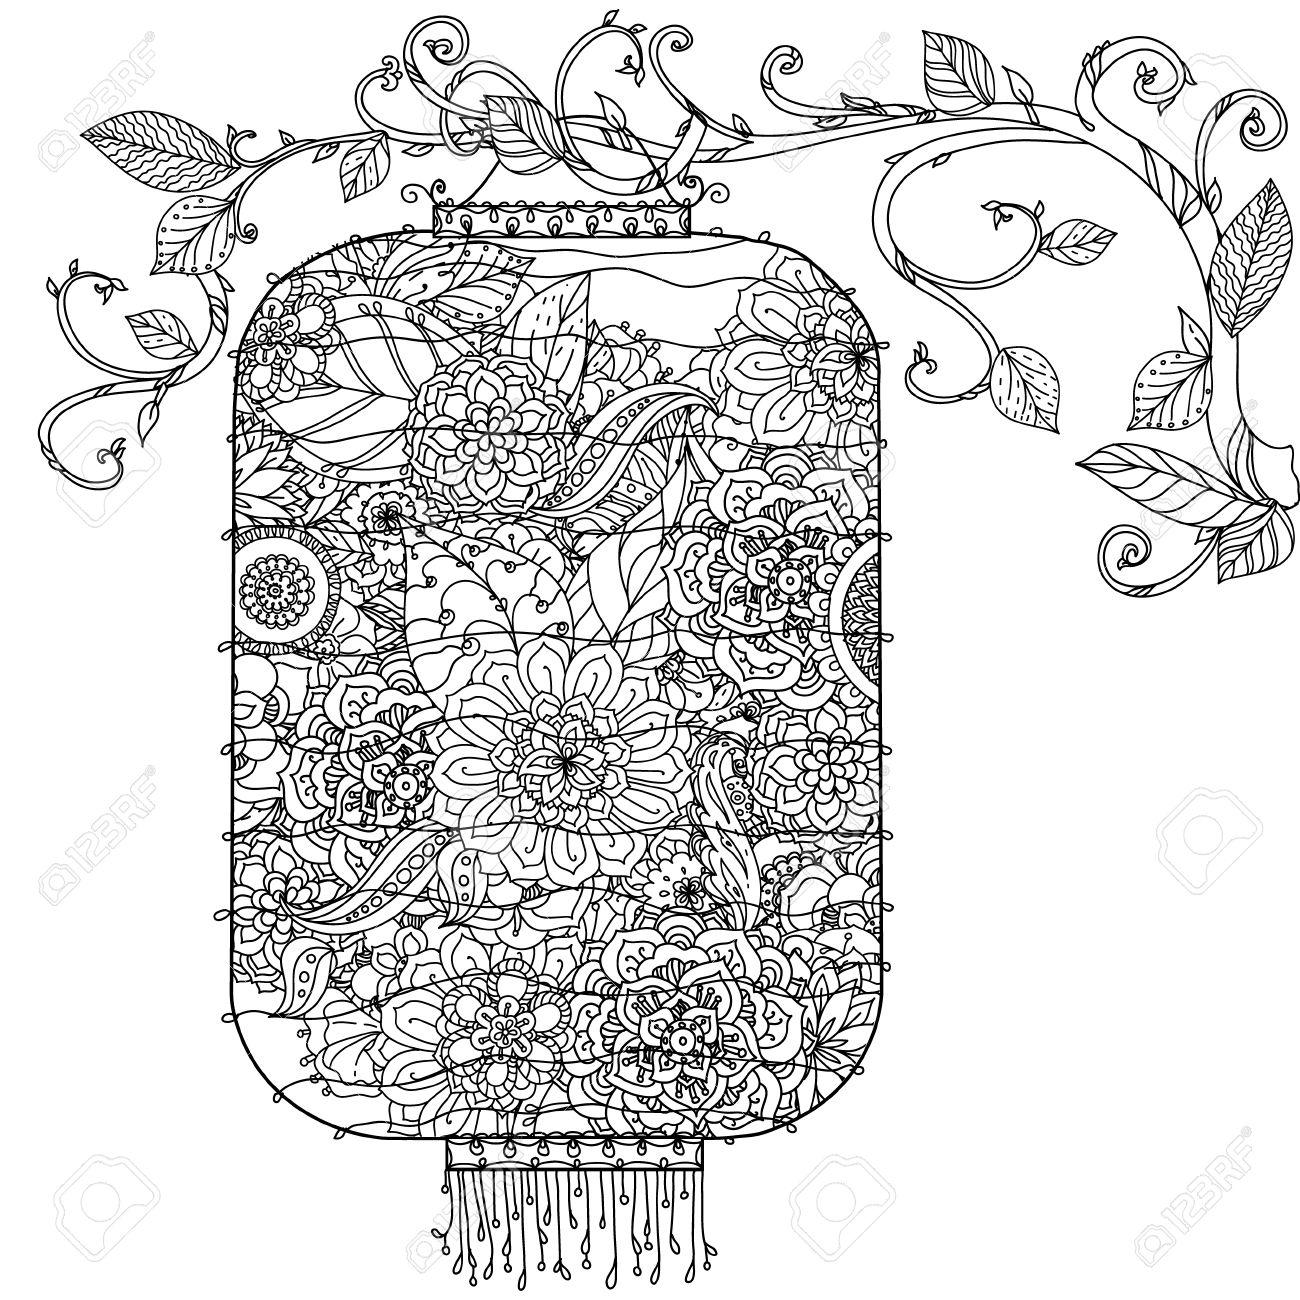 Dibujo Linterna De Mano Chino. Flores De árboles Y Pájaros. En